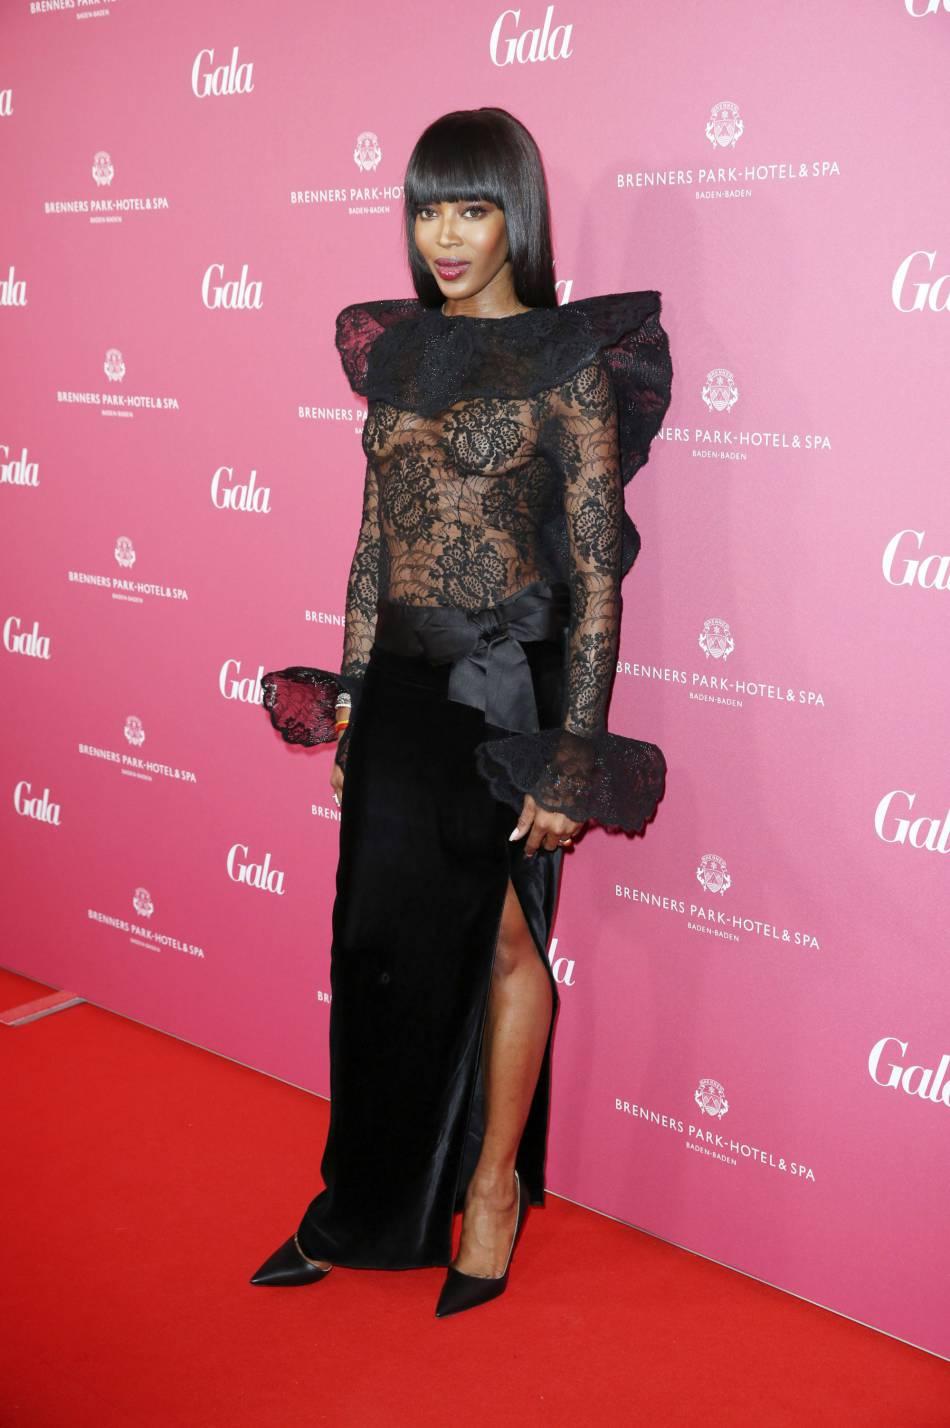 Naomi Campbell, sans soutien-gorge sur le tapis rouge.